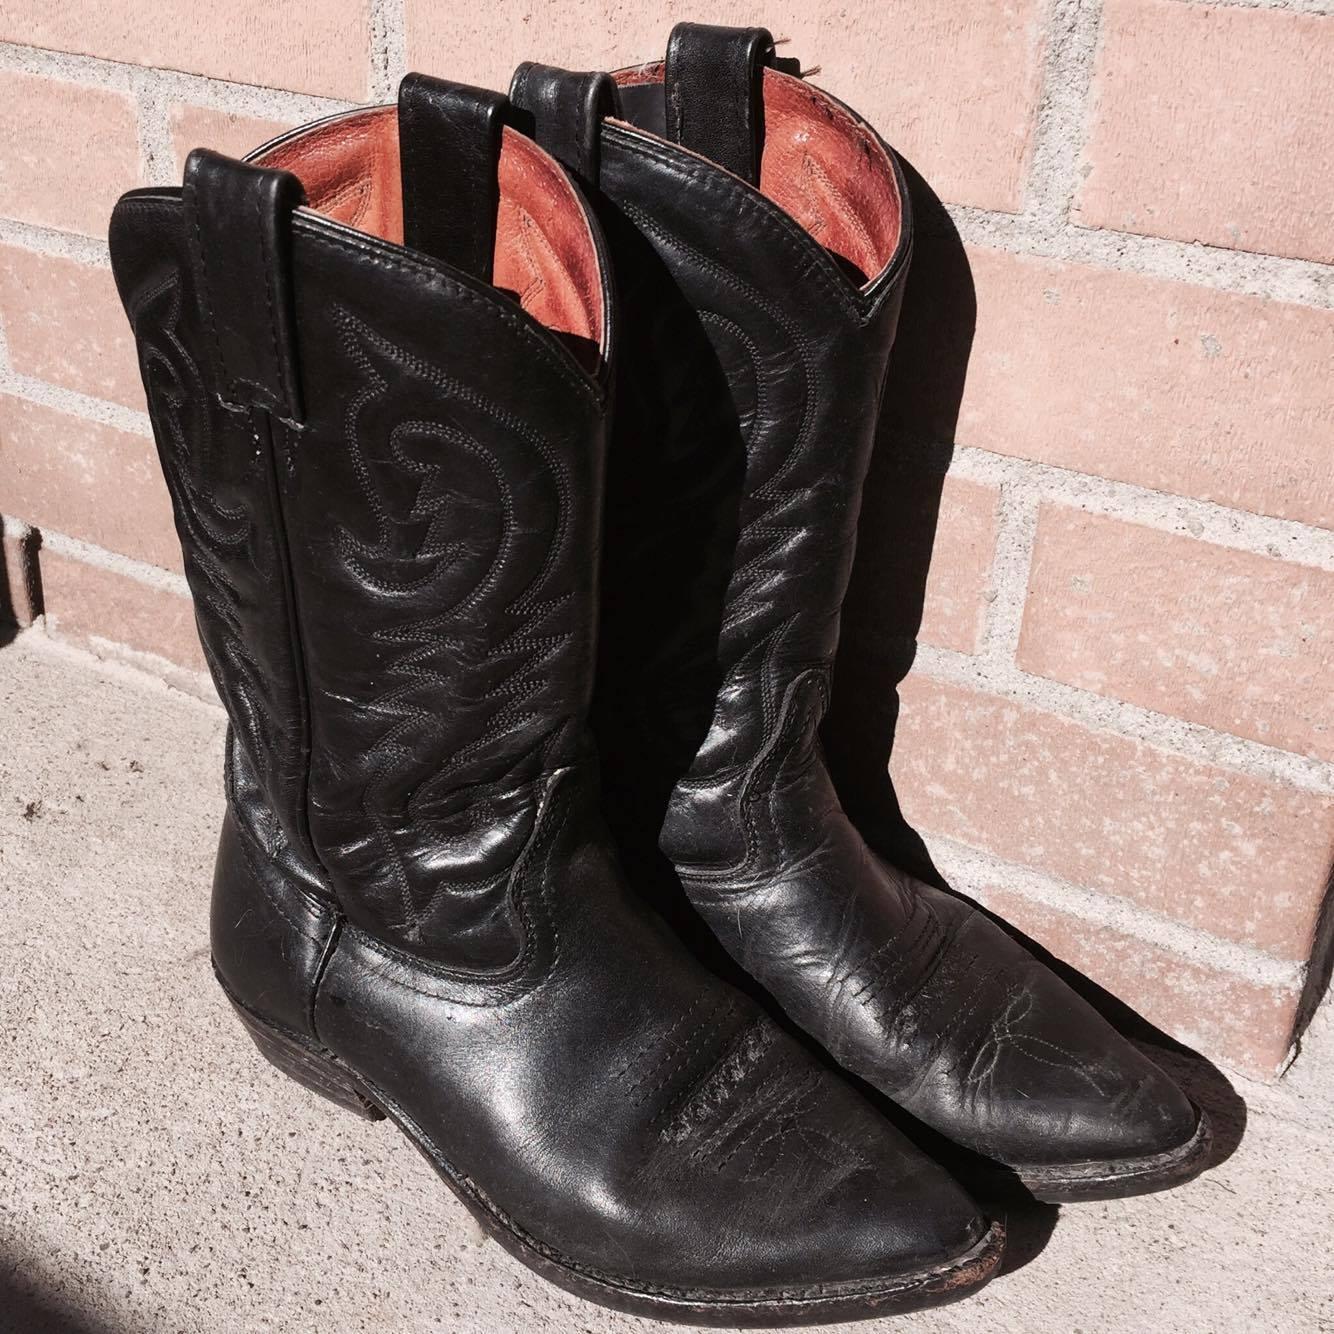 bottes noires boots fashion mode cowboy